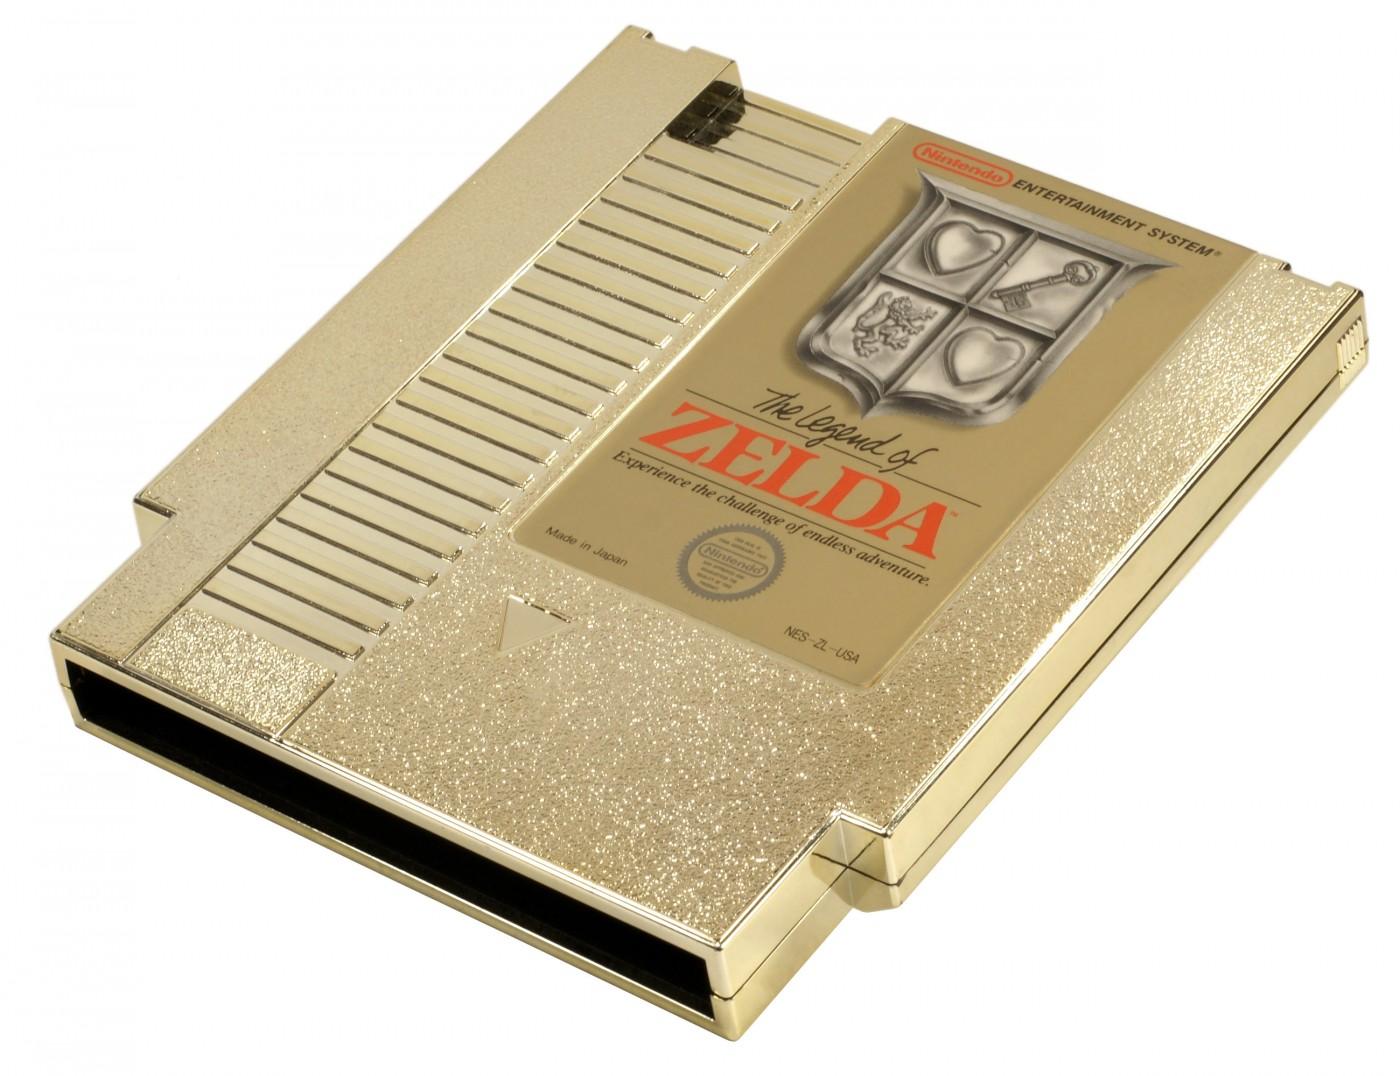 Legend of Zelda Golden Cartridge Celebrates 25 Years in